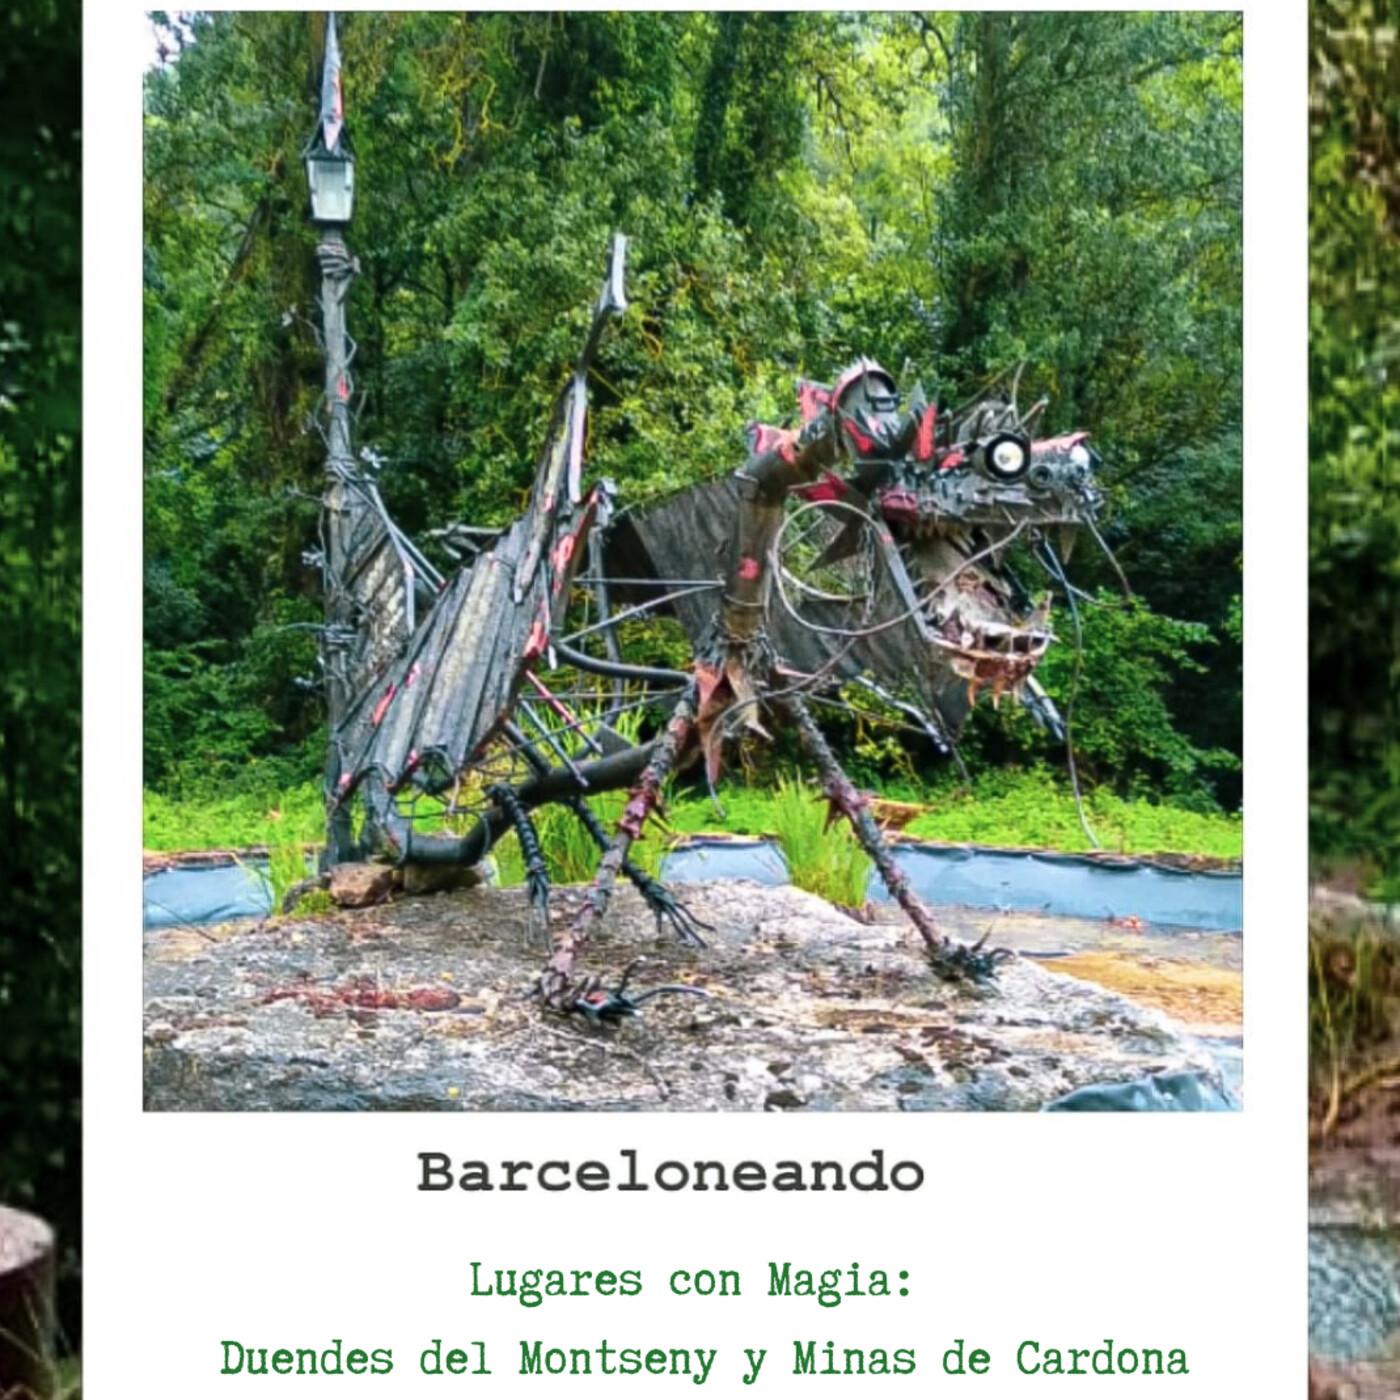 Bajo la magia y el hechizo de los duendes en Montseny y en las minas de Cardona - Barceloneando 62